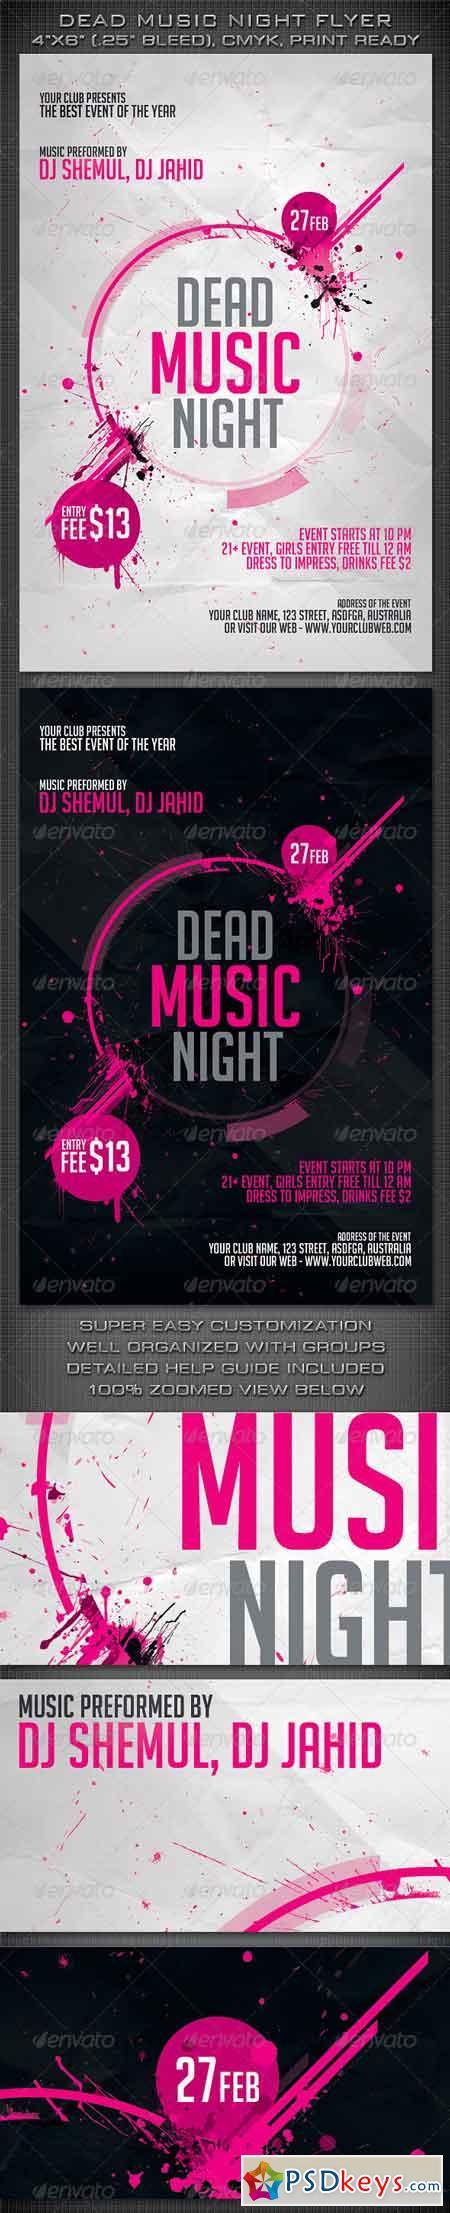 Dead Music Night Flyer 4124605